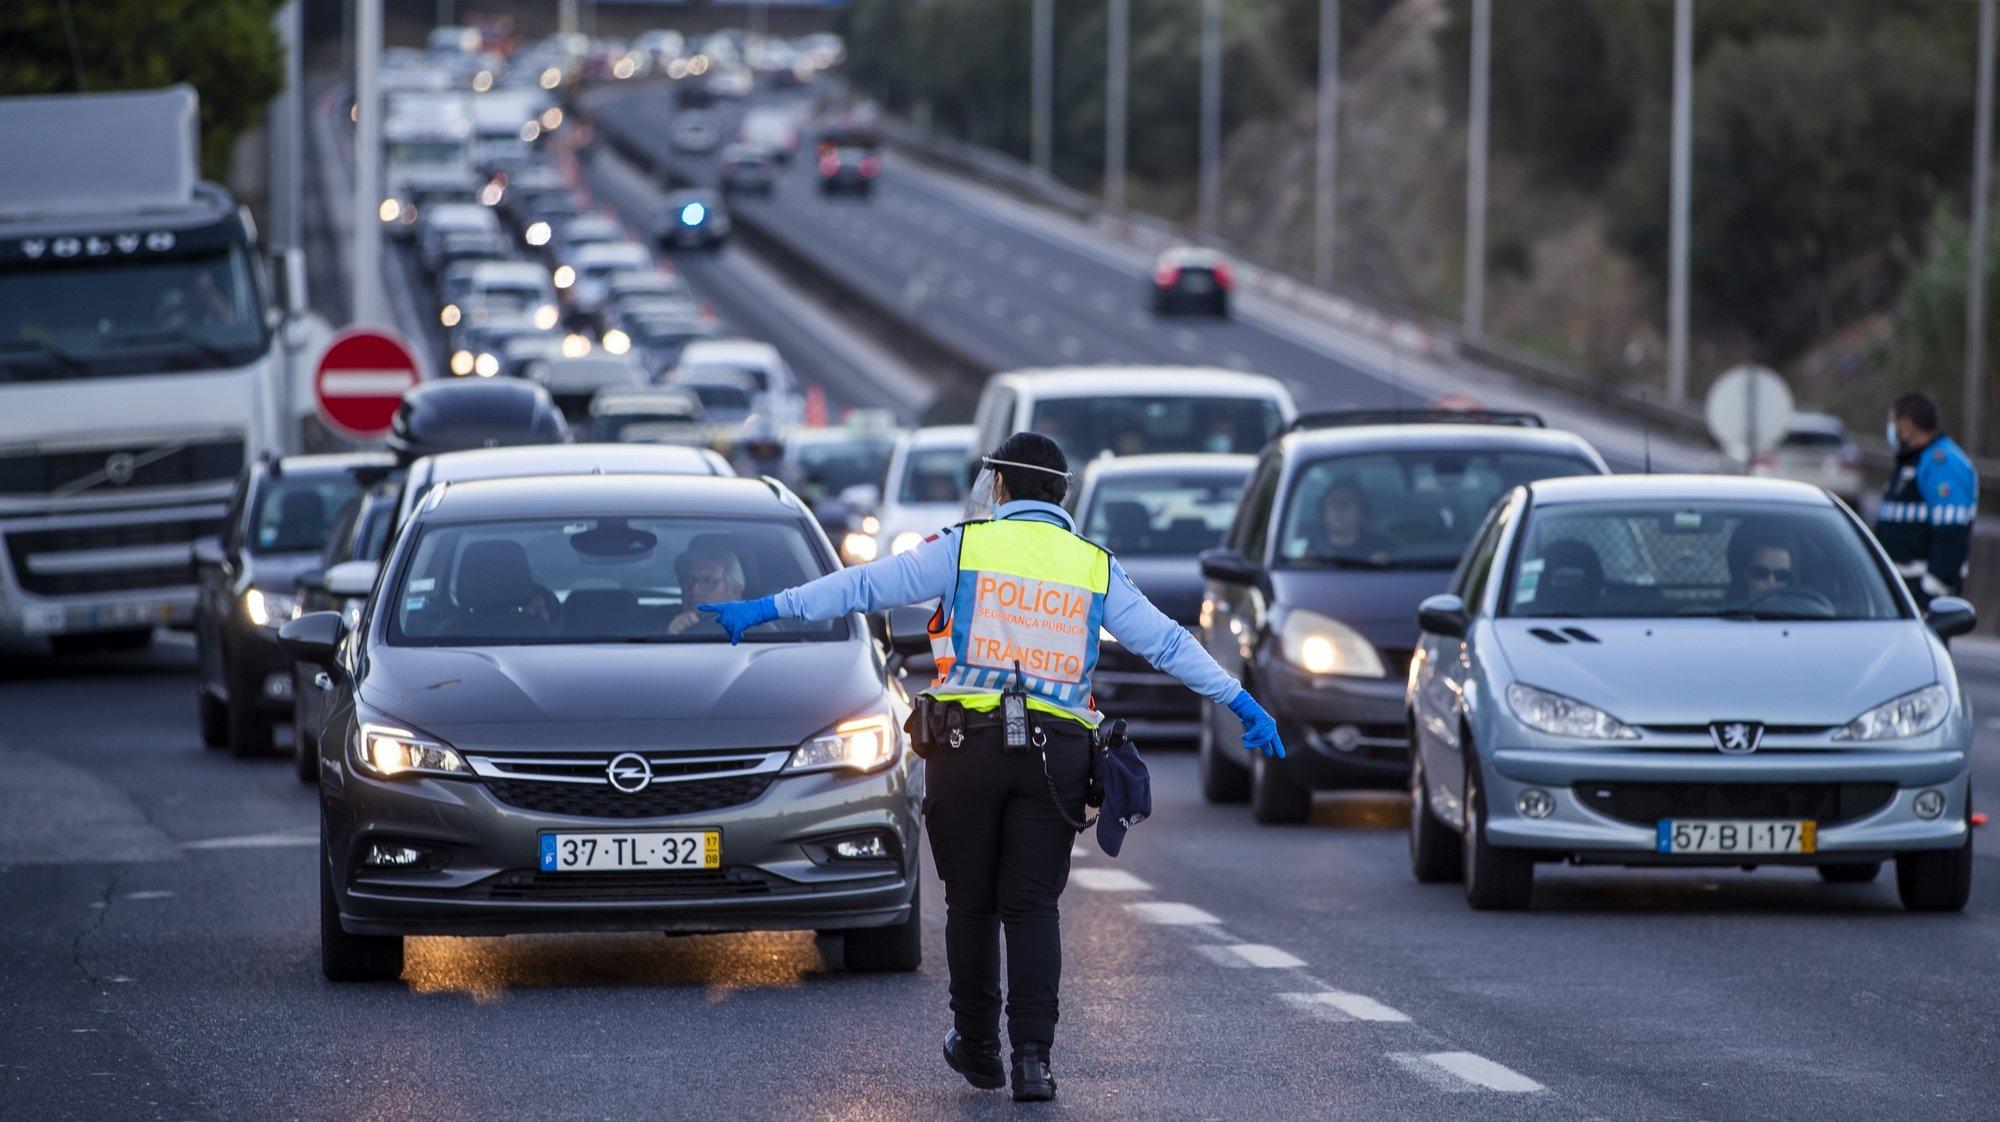 Agentes da Polícia de Segurança Pública (PSP) fazem uma operação Stop no acesso à Ponte 25 de Abril, em Lisboa, 30 de outubro de 2020. A circulação entre concelhos do continente está proibida entre os dias 30 de outubro e 03 de novembro devido à pandemia de covid-19. JOSÉ SENA GOULÃO/LUSA